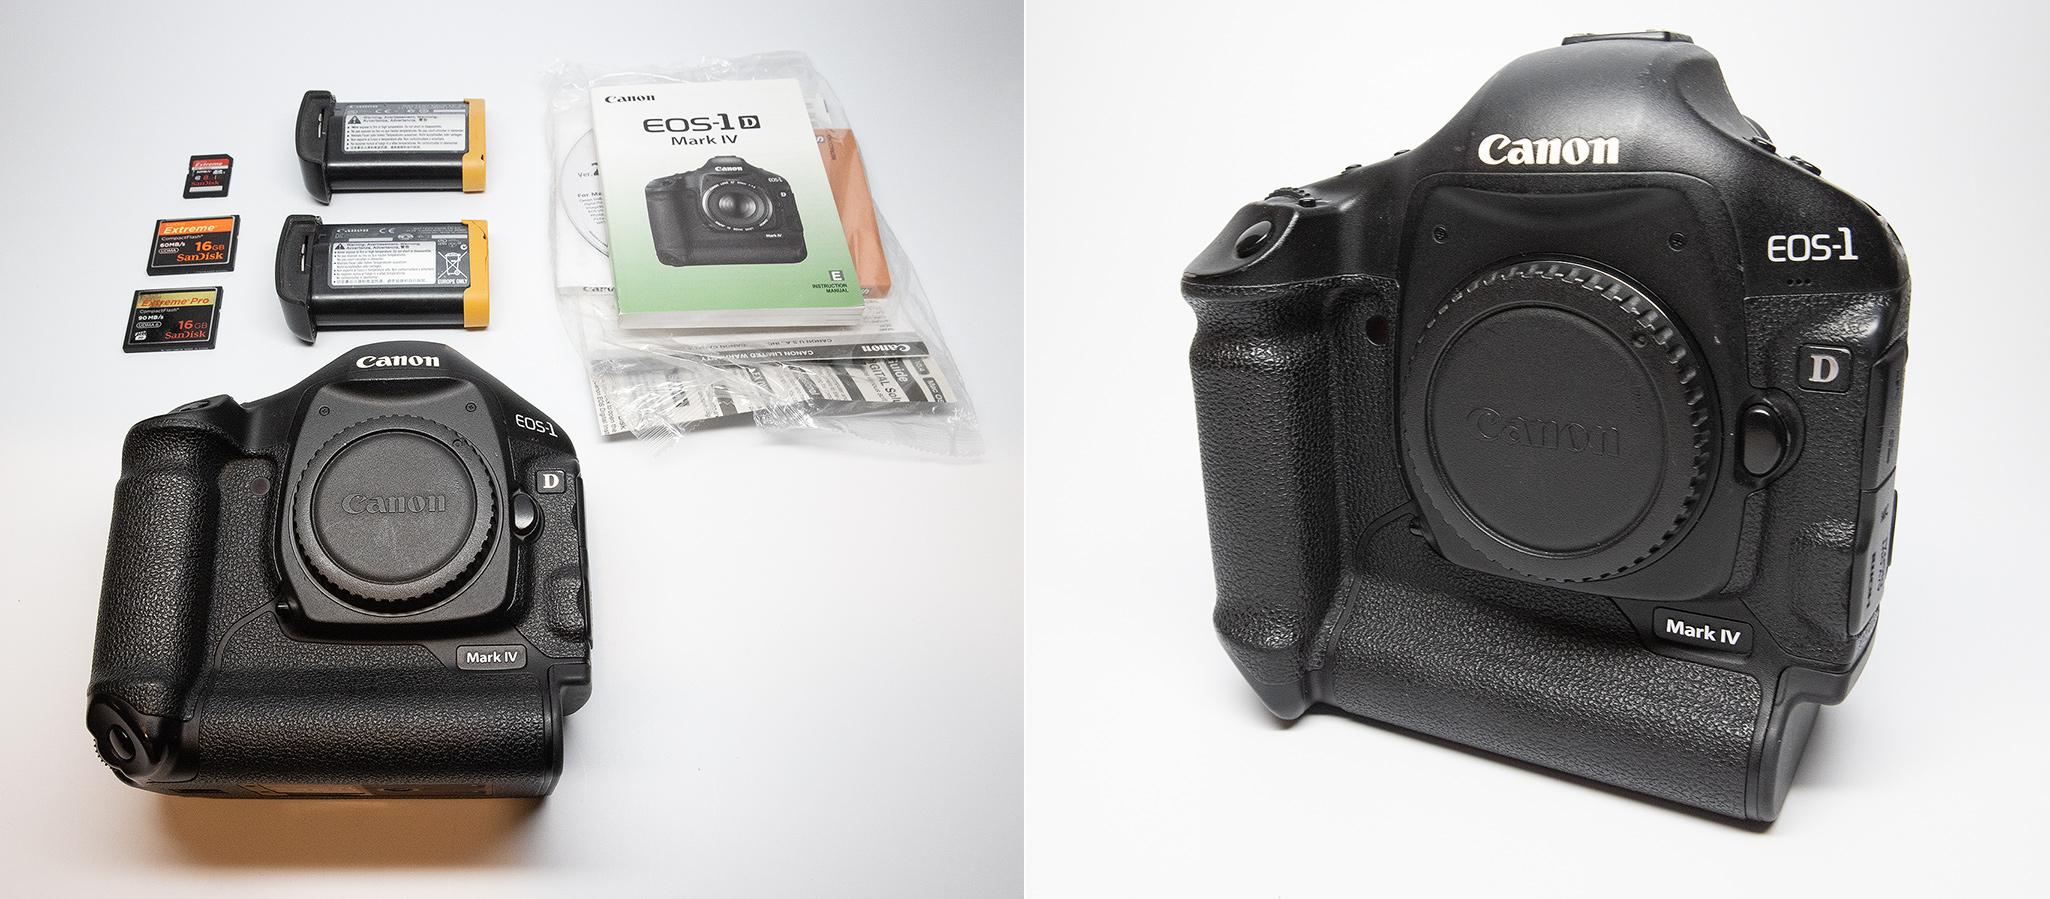 Canon 1D Mark IV camera body